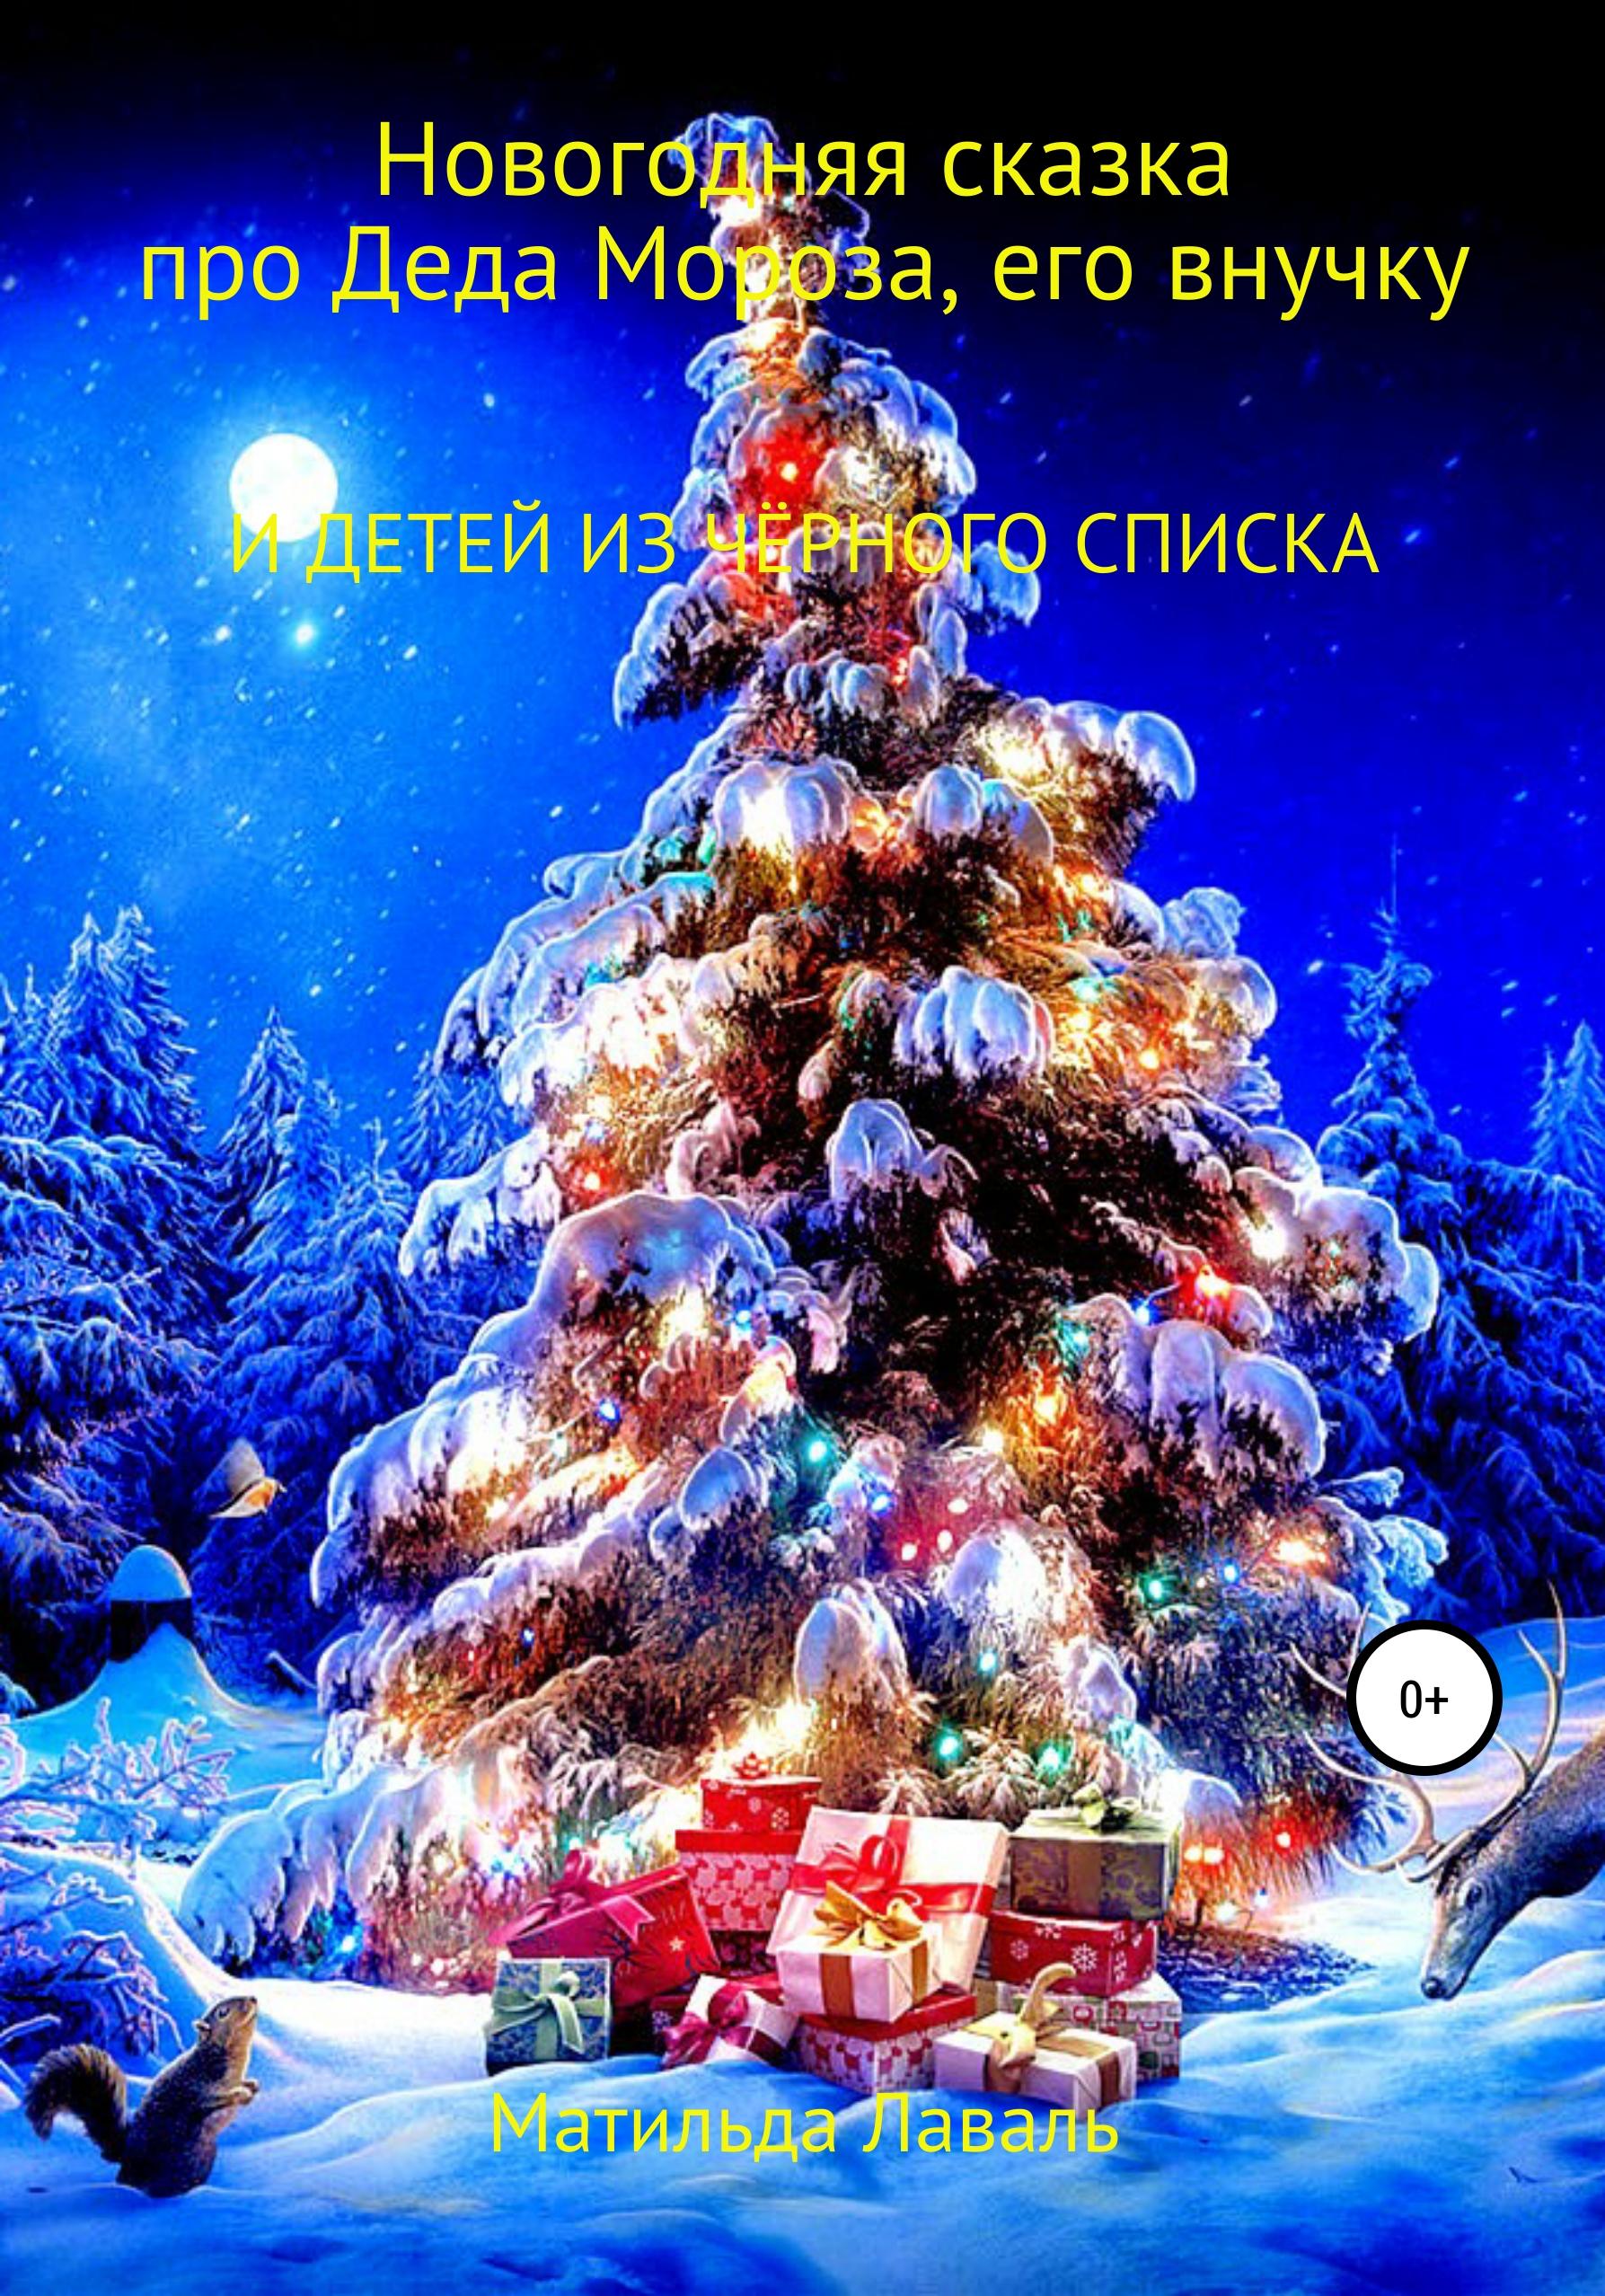 Новогодняя сказка про Деда Мороза, его внучку и детей из чёрного списка